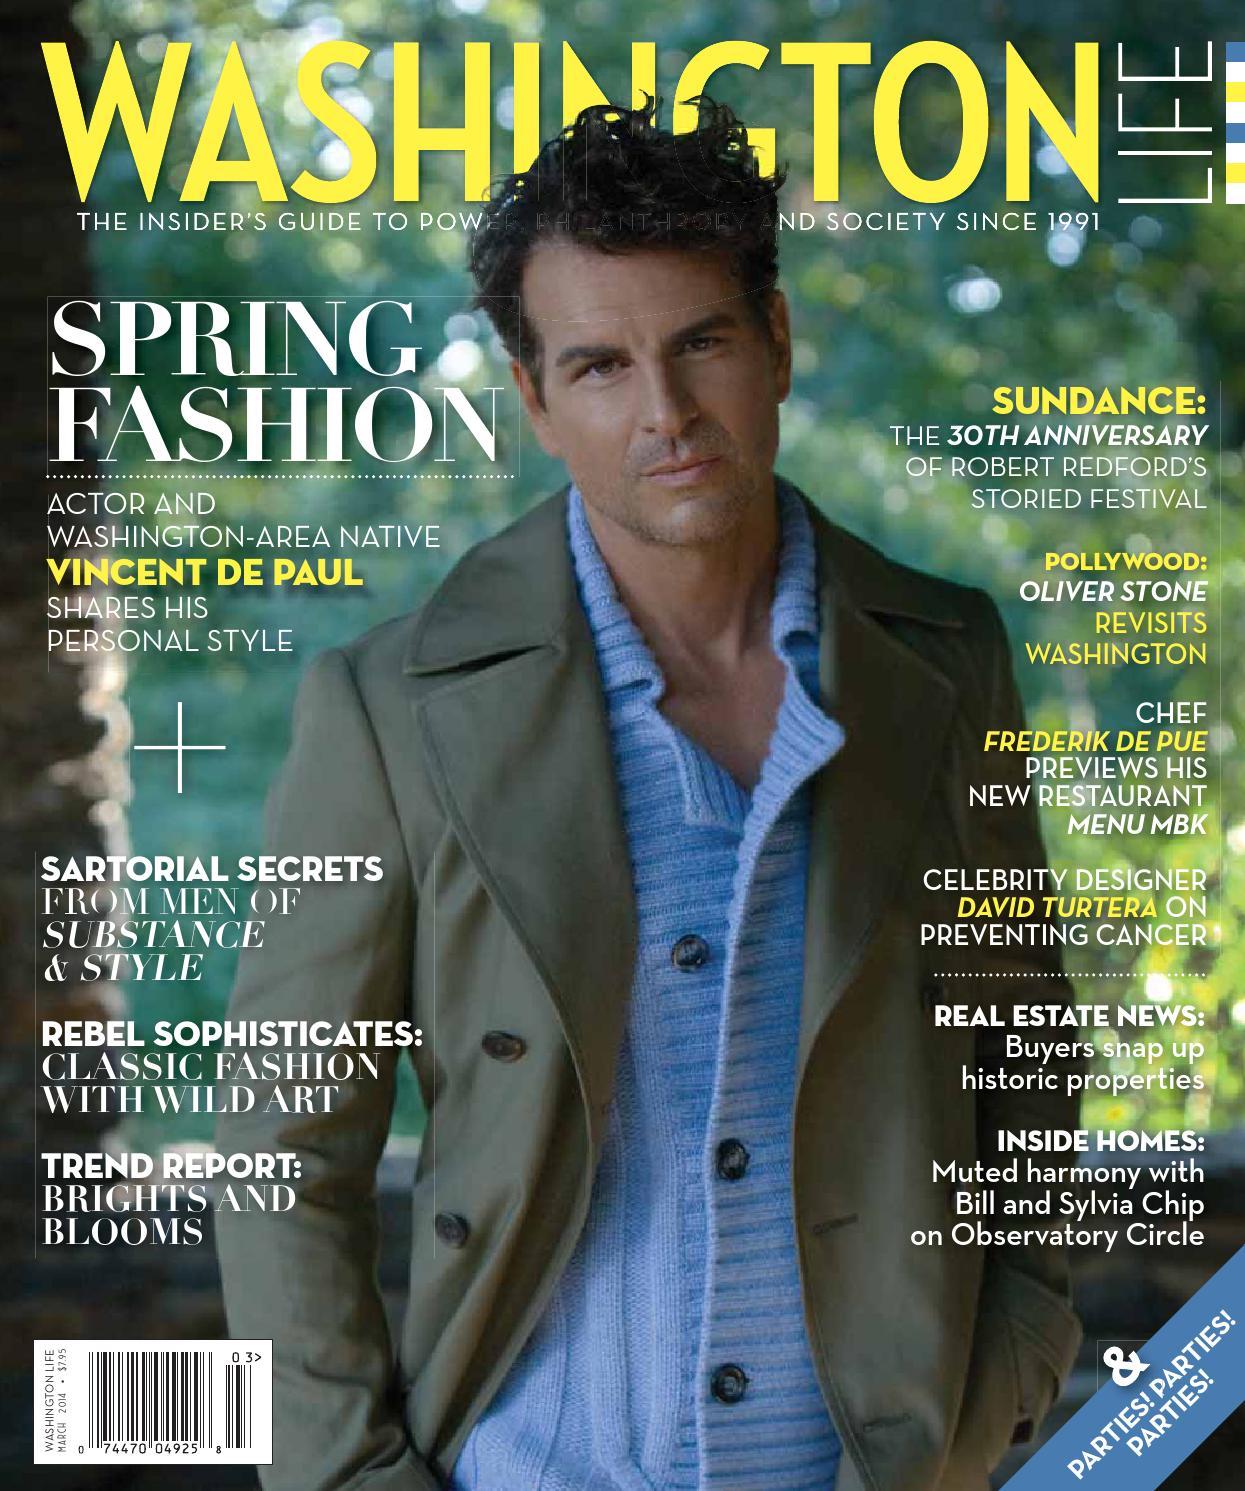 Washington Life Magazine March 2014 By Nicholas Keith Elizabeth 36mm Nk8106 Issuu